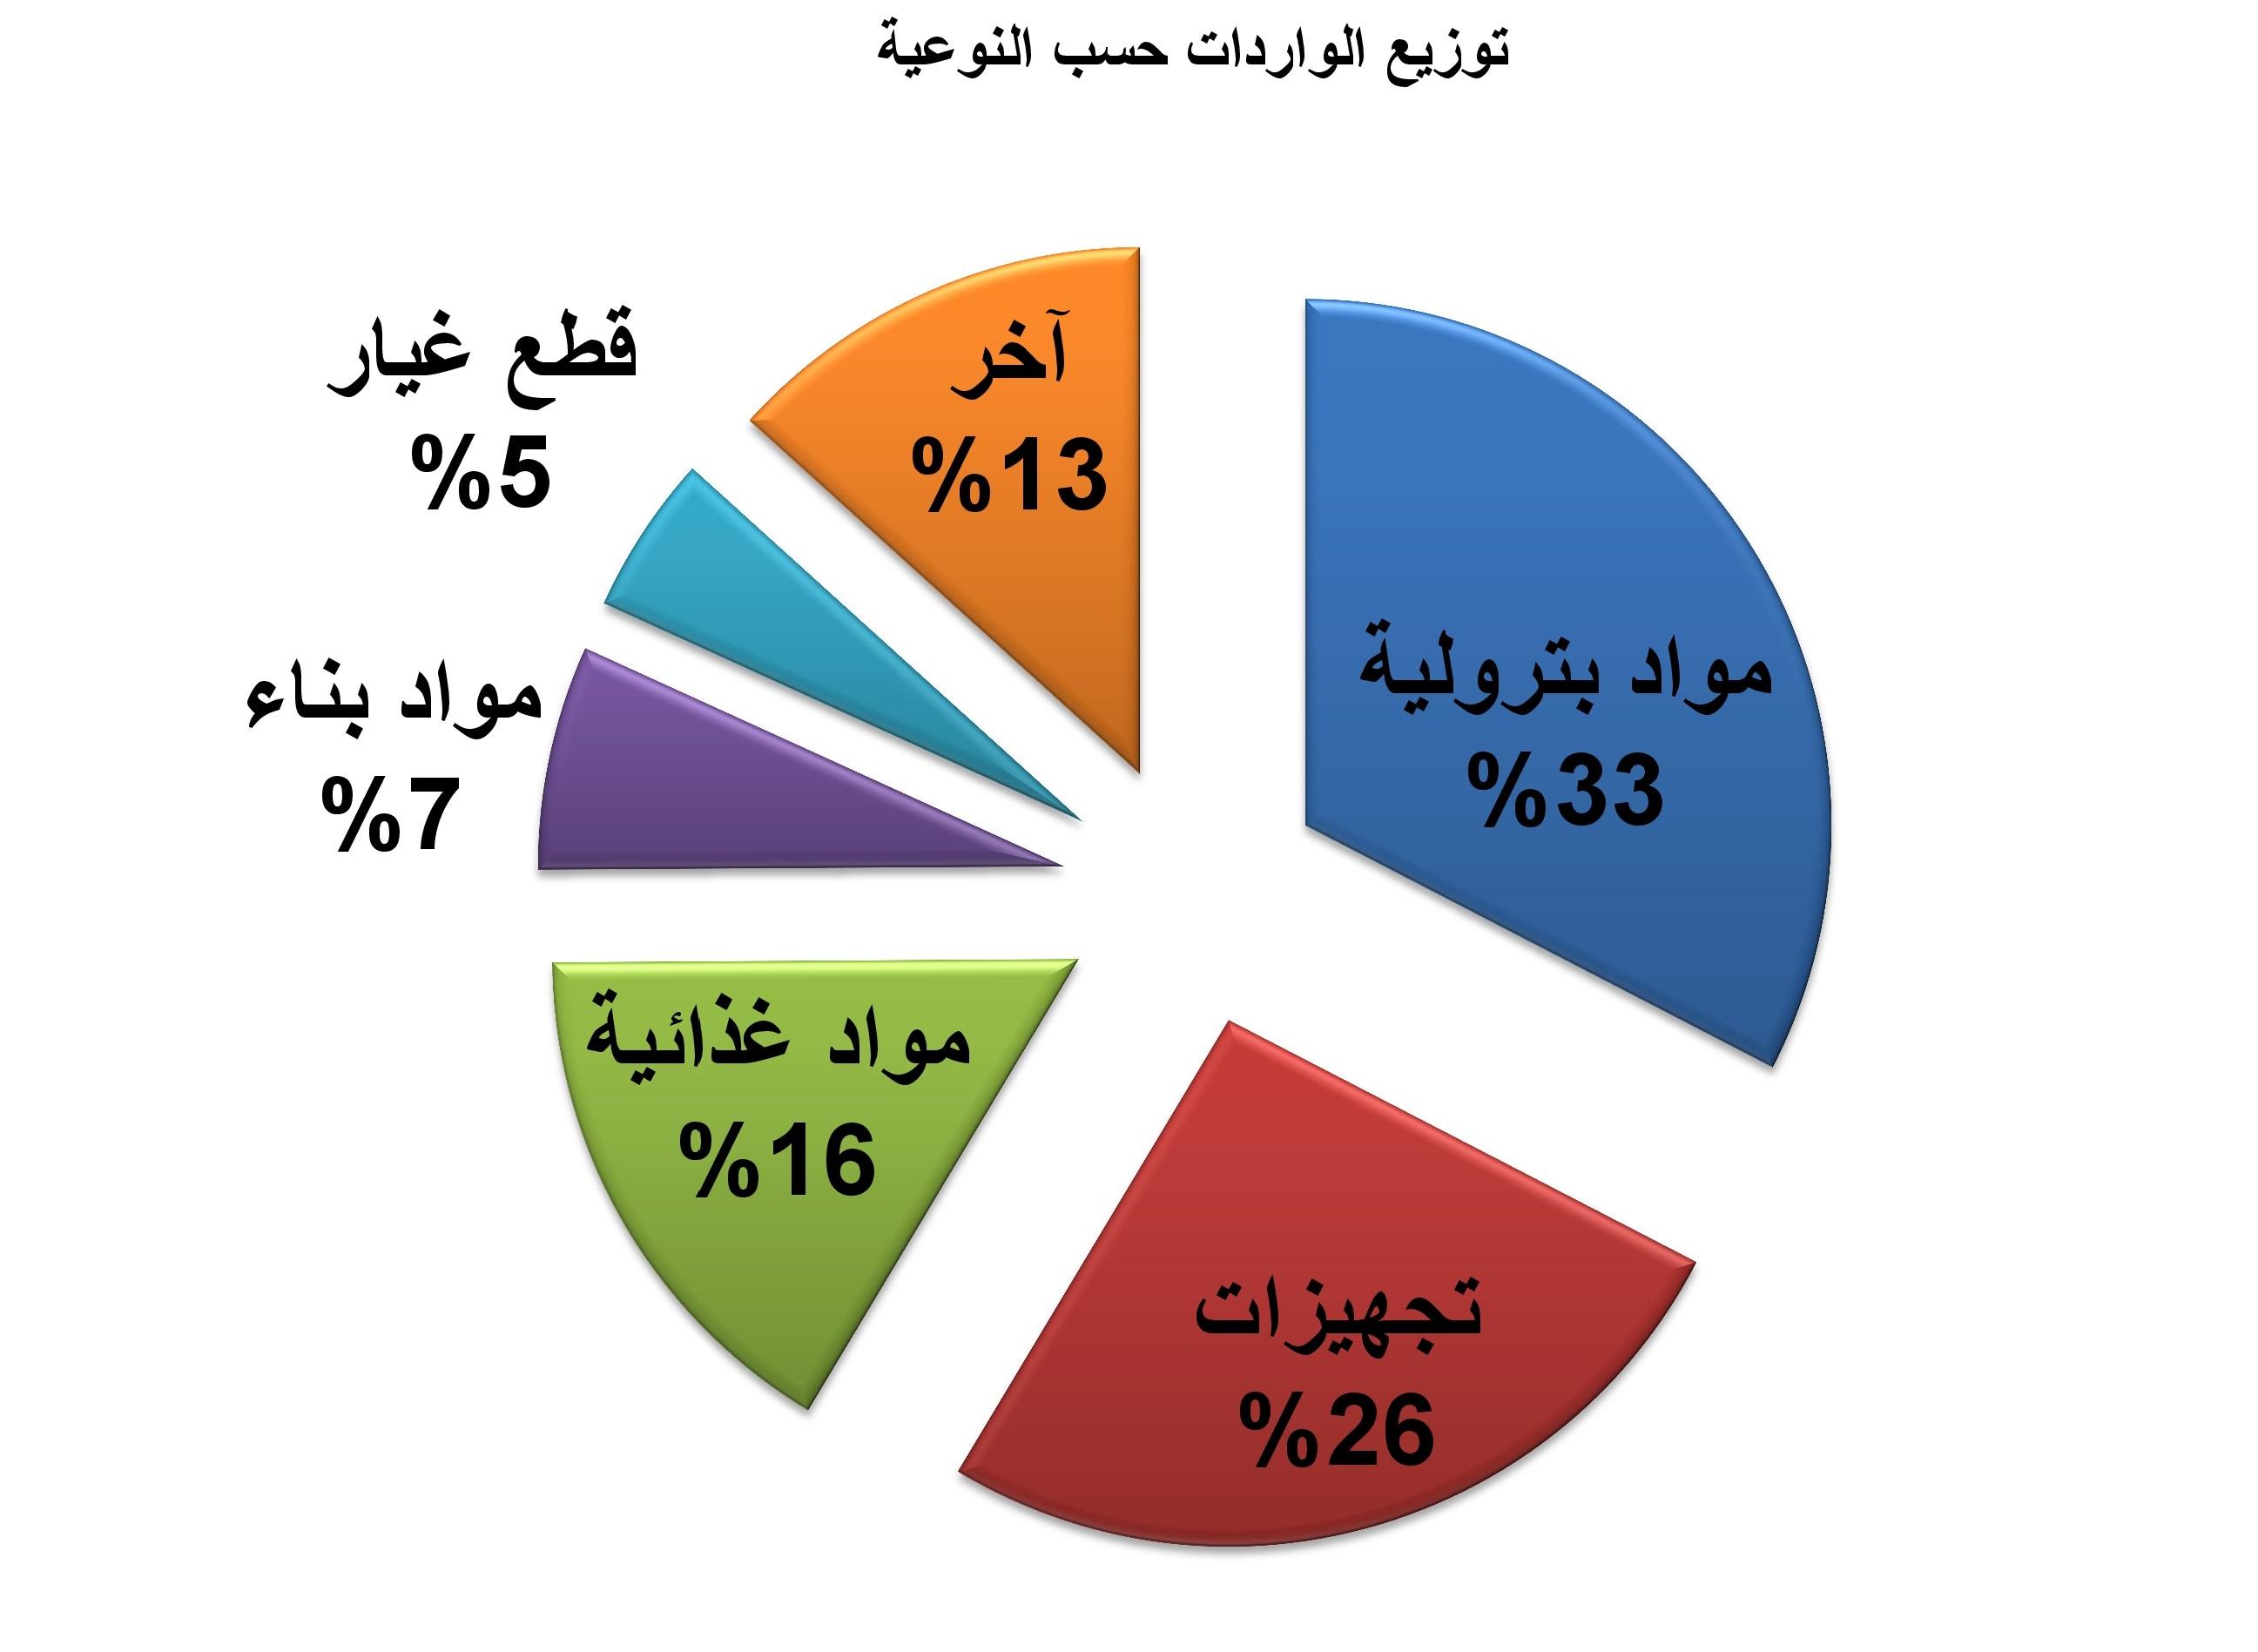 أوروبا  تتصدر قائمة موردي موريتانيا بنسبة 50.7 بالمائة تليها آسيا (تفاصيل )